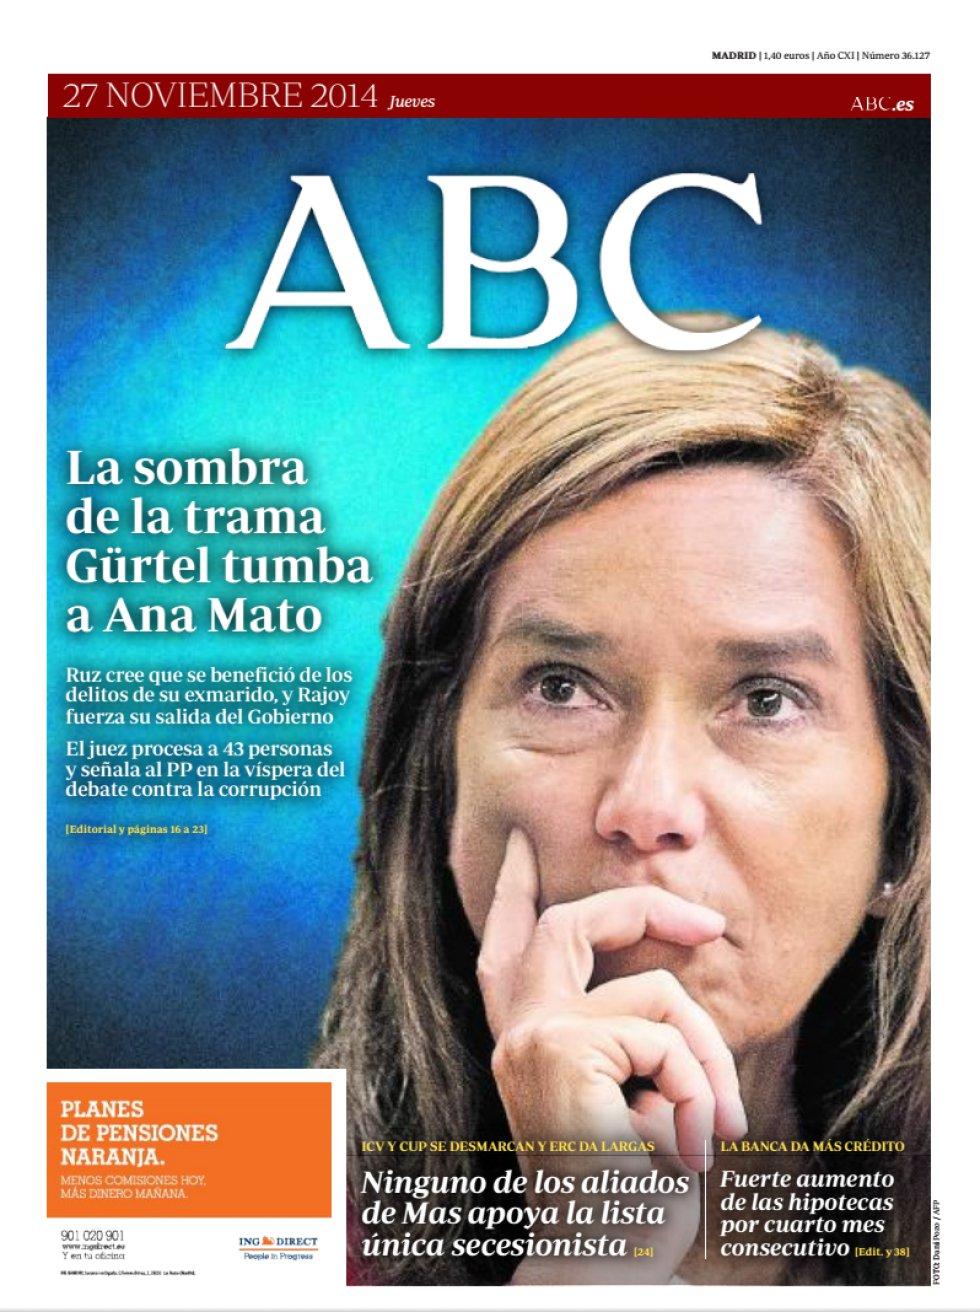 Ana Mato dimite: así lo reflejan las portadas de los periódicos